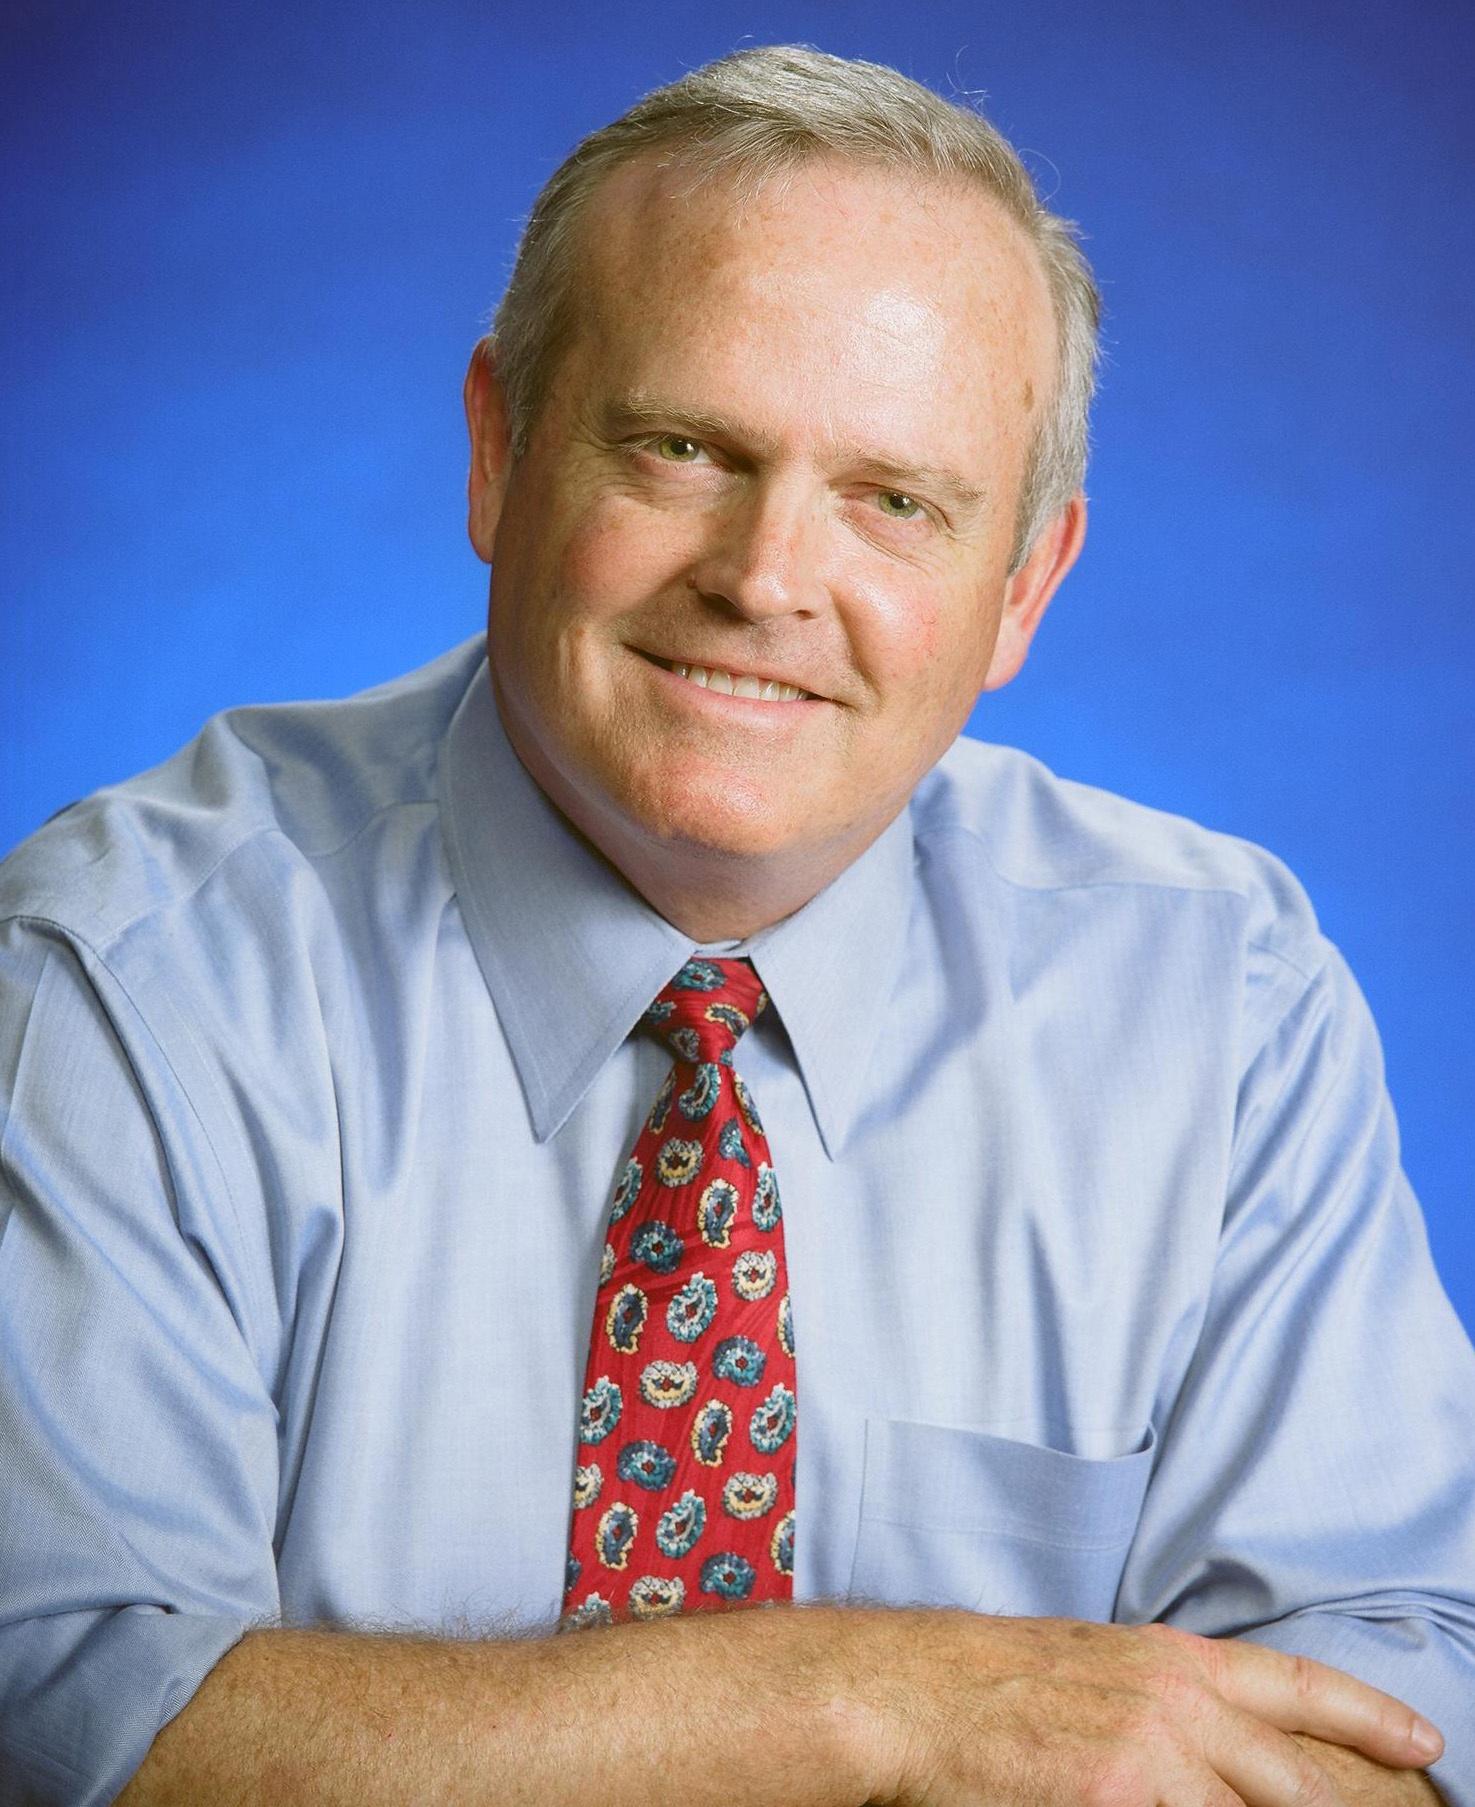 Kevin F. Davis